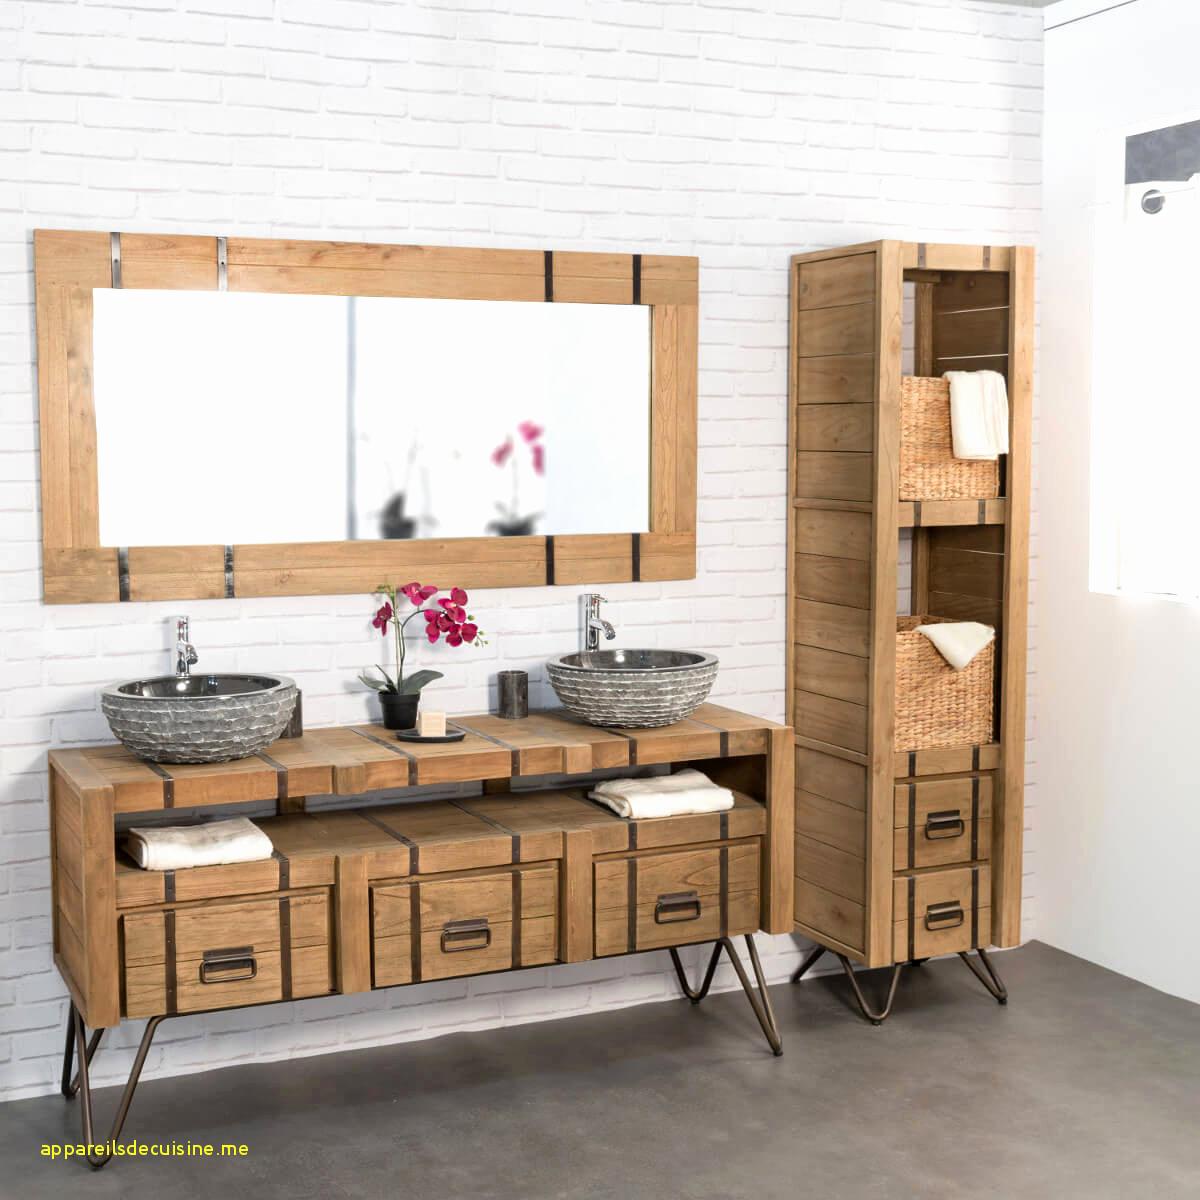 Ikea Salles De Bains Élégant Image Ikea Cabine De Douche élégant Ikea Salle Bain New Caillebotis Douche